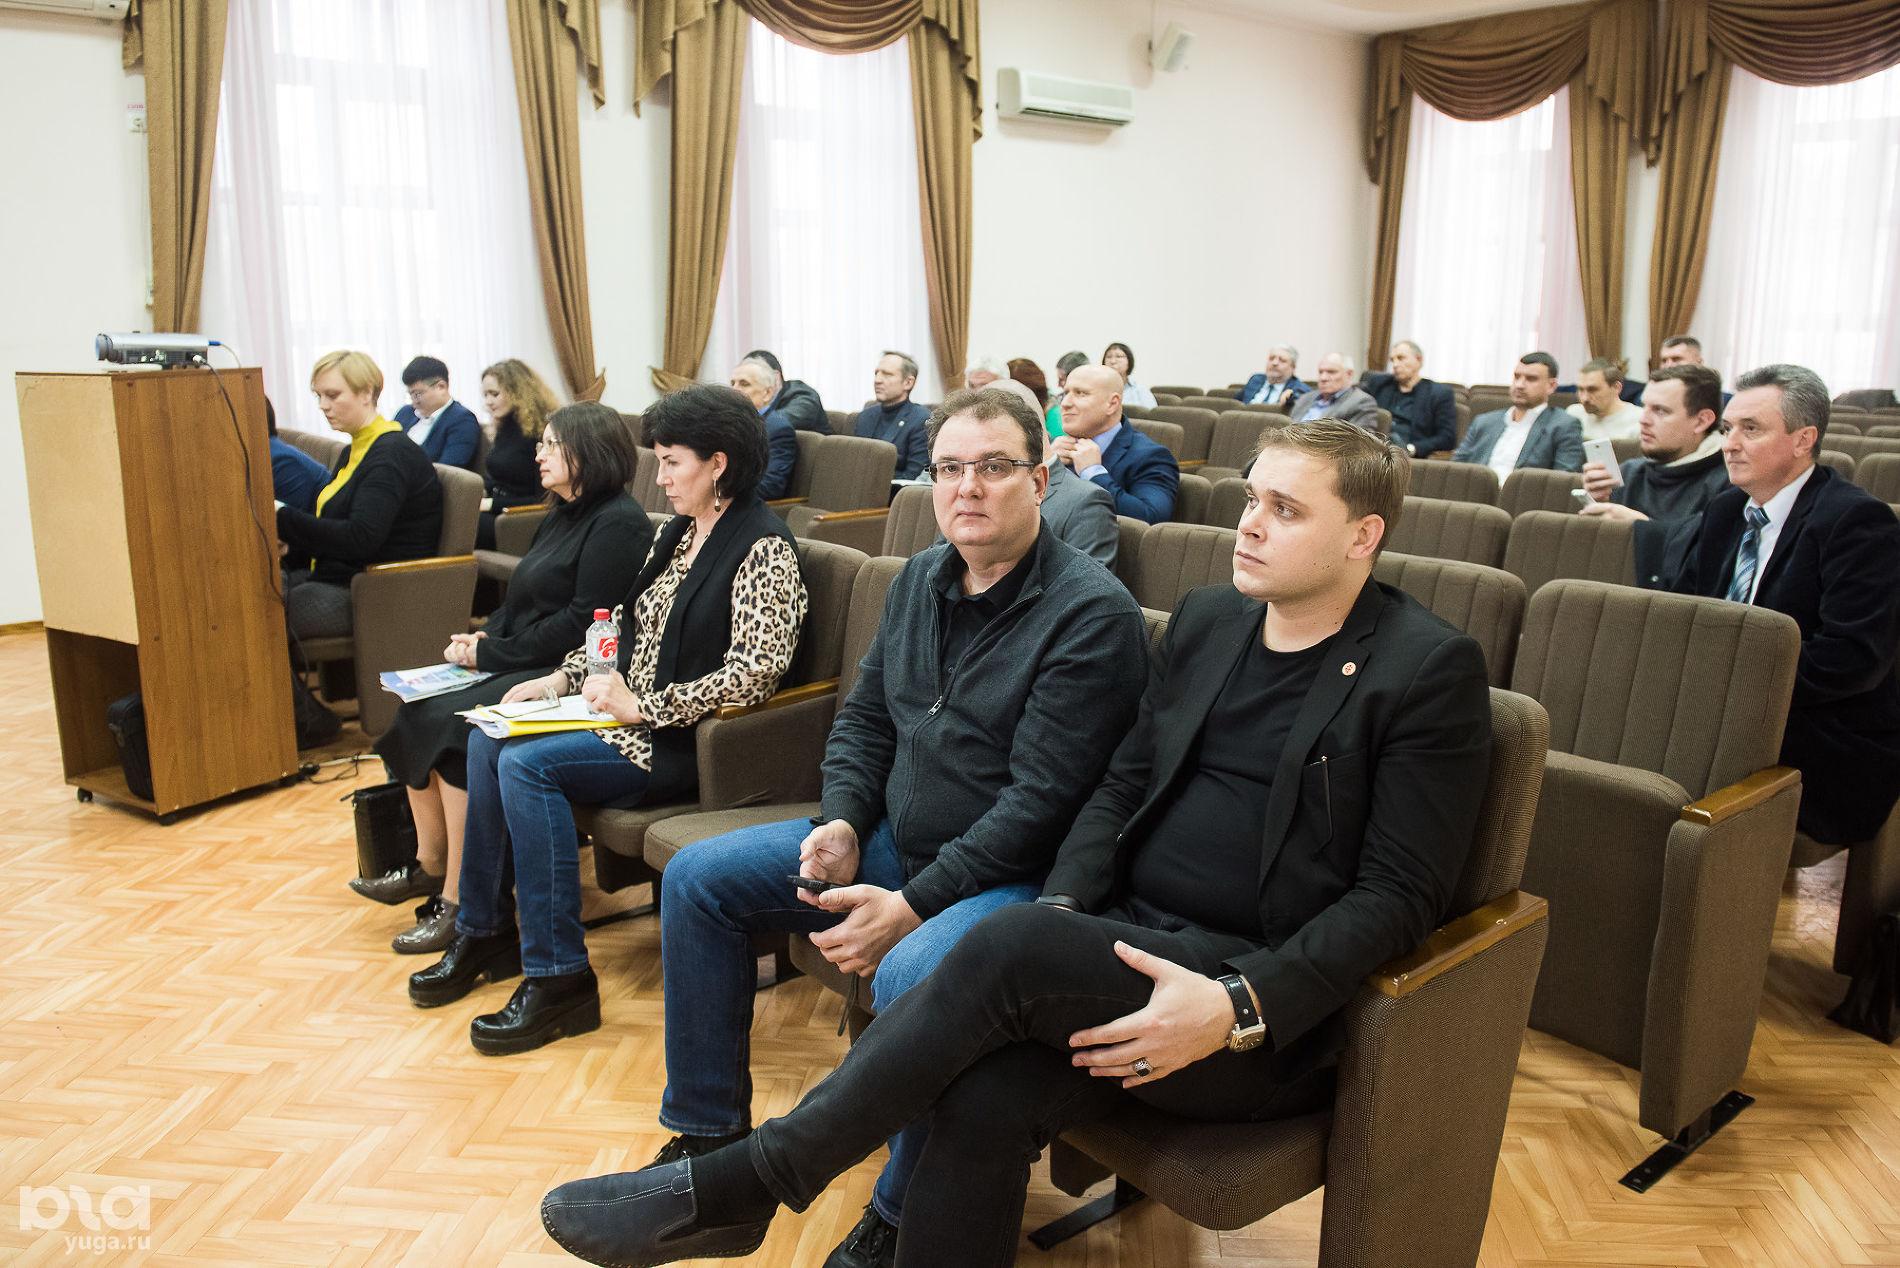 Заседание научно-методического совета ©Фото Елены Синеок, Юга.ру